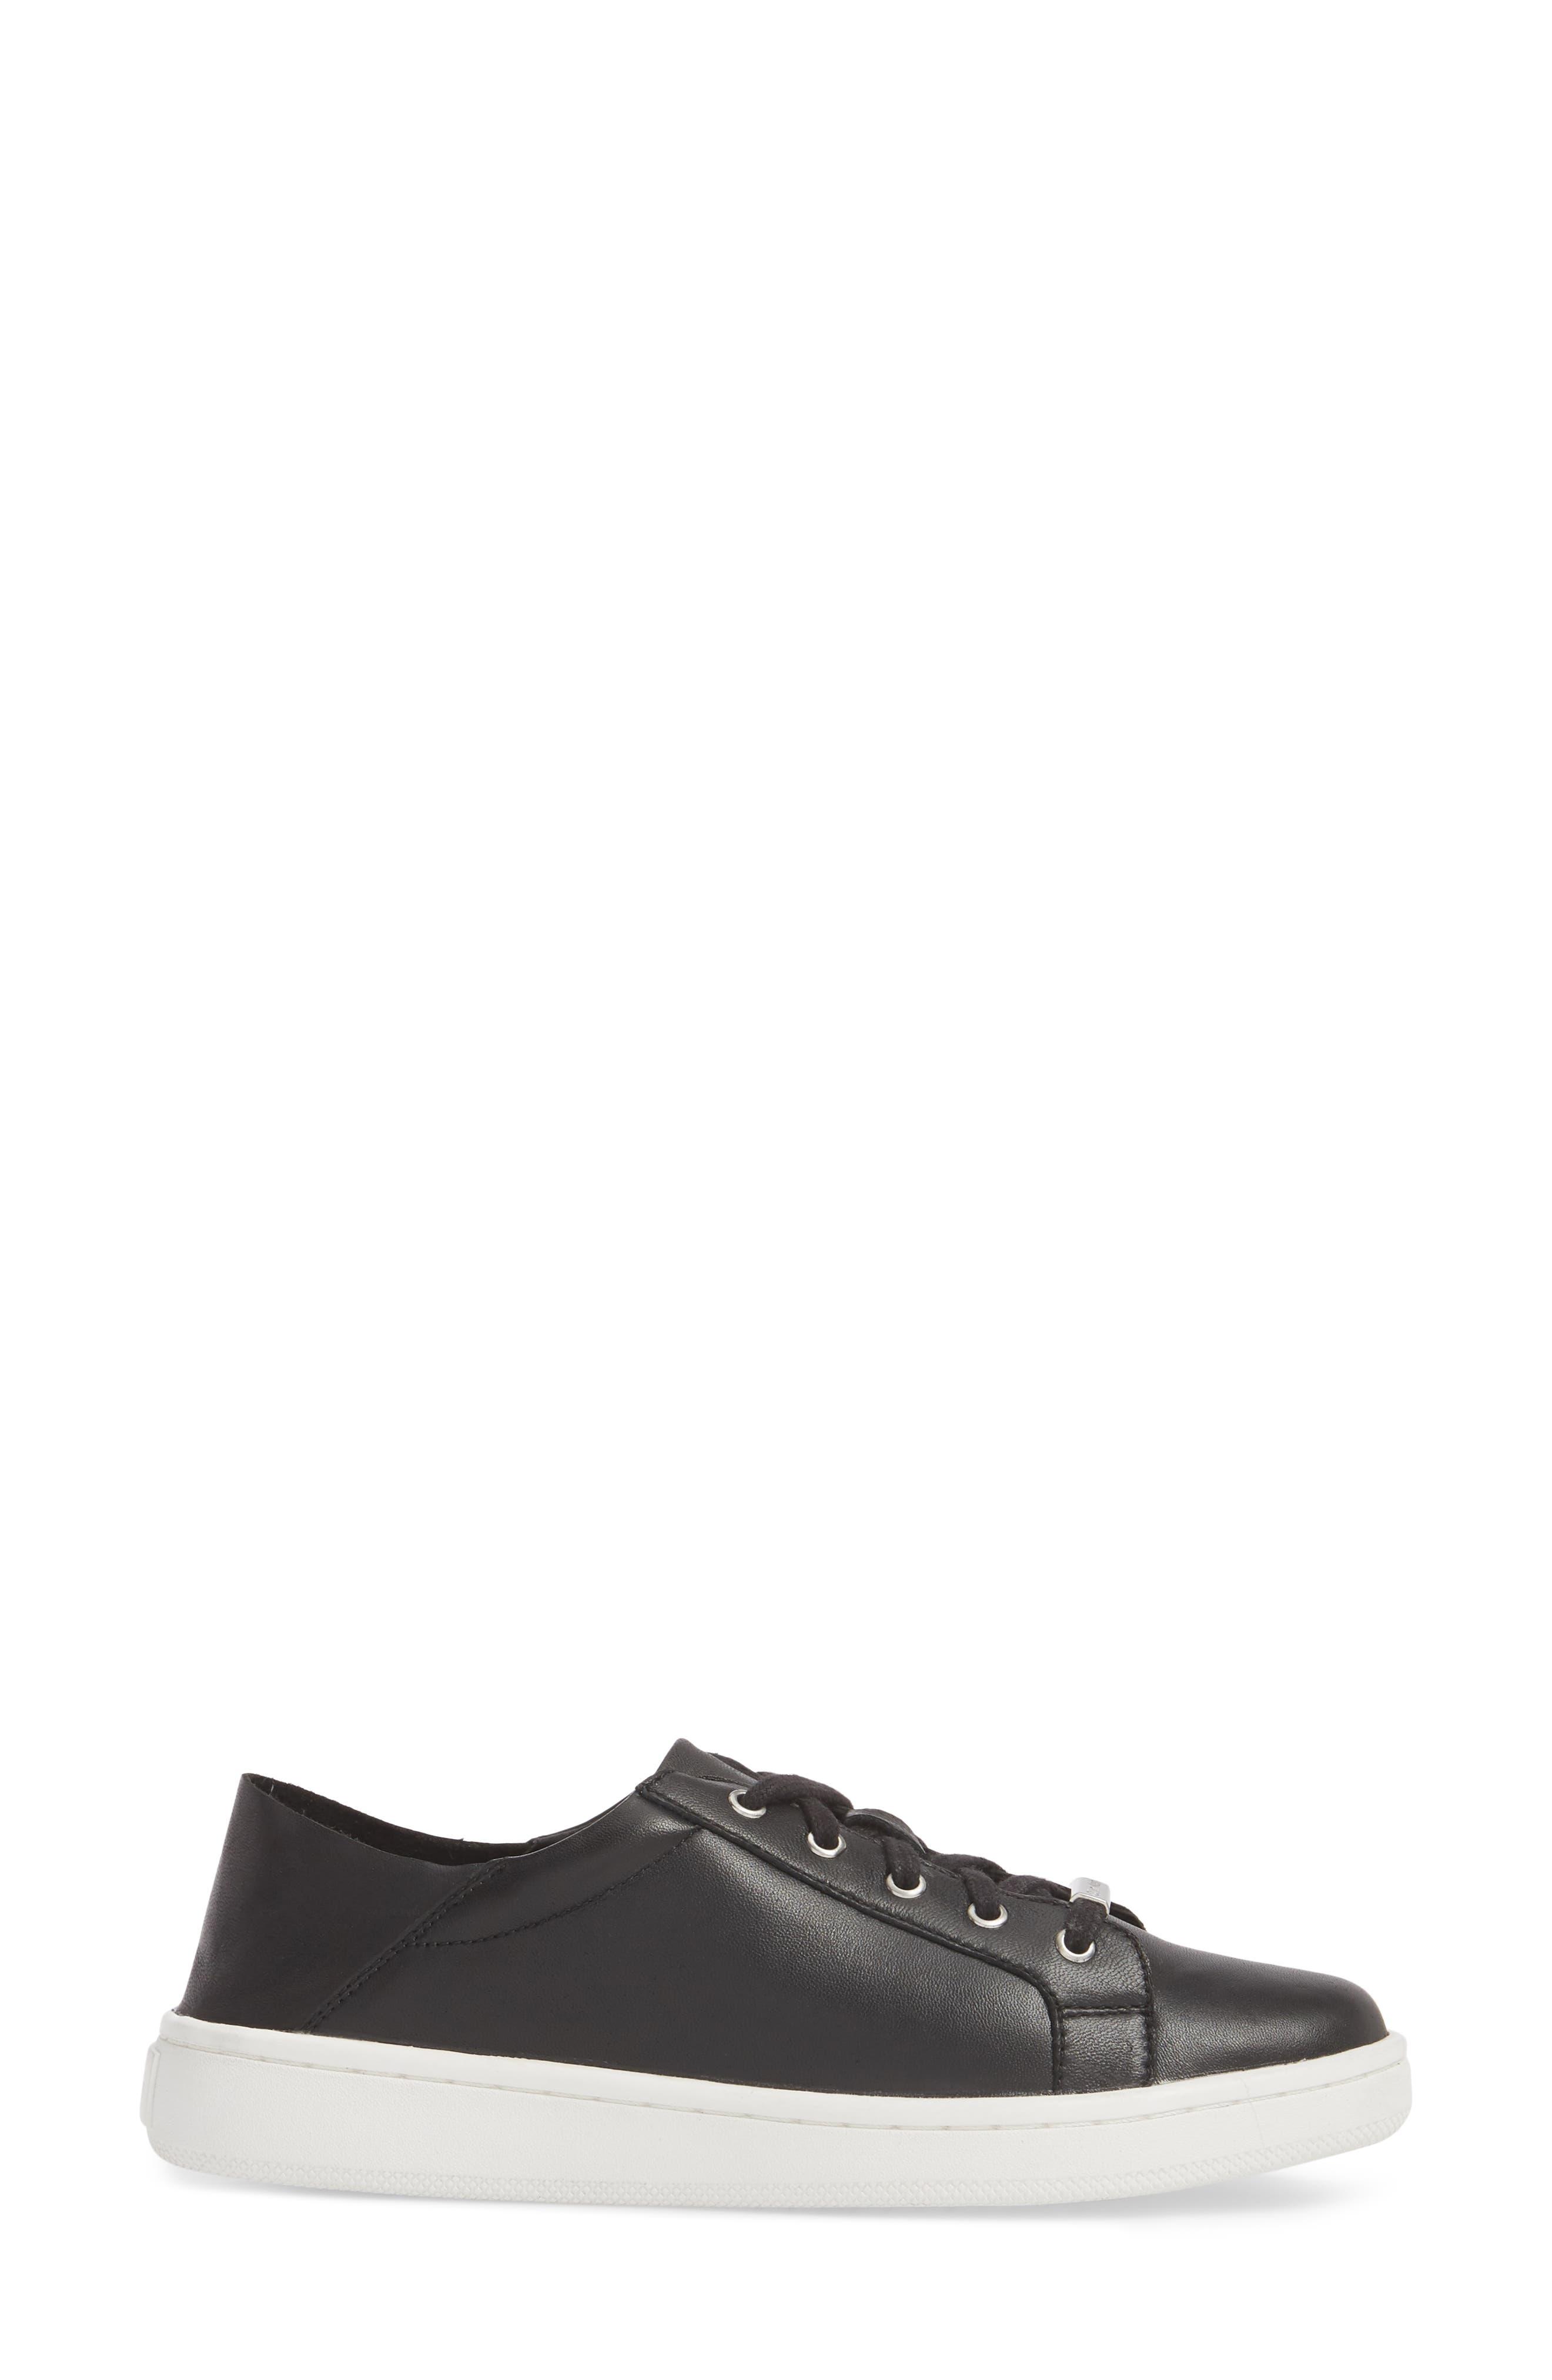 Danica Convertible Sneaker,                             Alternate thumbnail 2, color,                             004